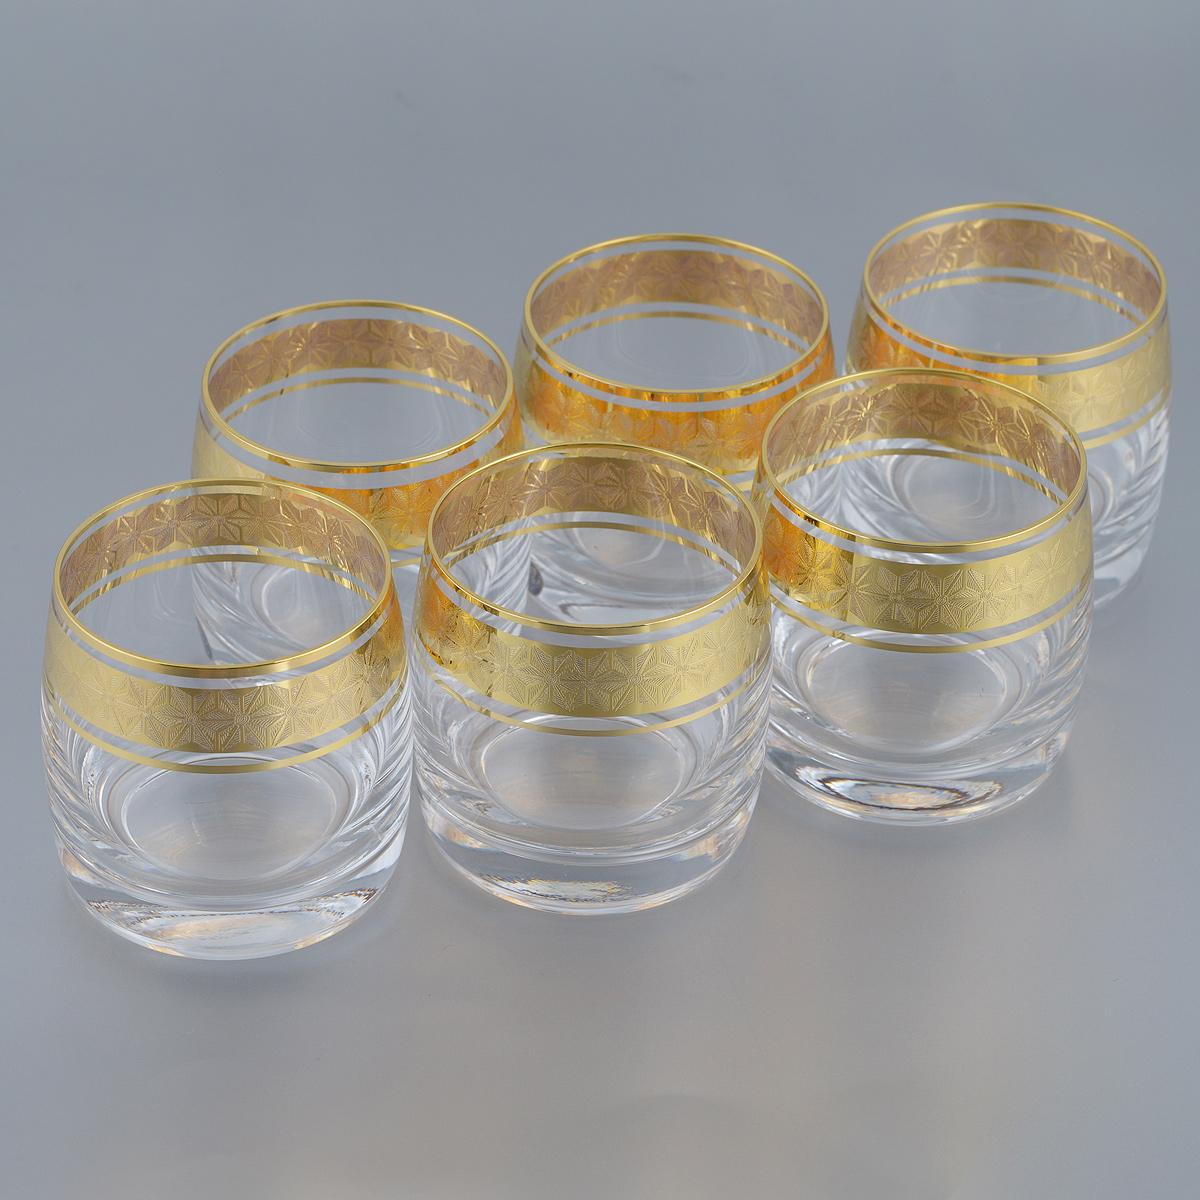 Набор стаканов Bohemia Crystal Ideal, 230 мл, 6 шт726334Набор Bohemia Crystal Ideal состоит из шести стаканов. Изделия выполнены из высококачественного стекла. Стаканы имеют прозрачную поверхность и декорированы позолоченной окантовкой с орнаментом. Изделия излучают приятный блеск и издают мелодичный звон. Набор стаканов Bohemia Crystal Ideal прекрасно оформит интерьер кабинета или гостиной и станет отличным дополнением бара. Такой набор также станет хорошим подарком к любому случаю. Объем стакана: 230 мл. Диаметр стакана (по верхнему краю): 6,5 см.Высота стакана: 7 см.